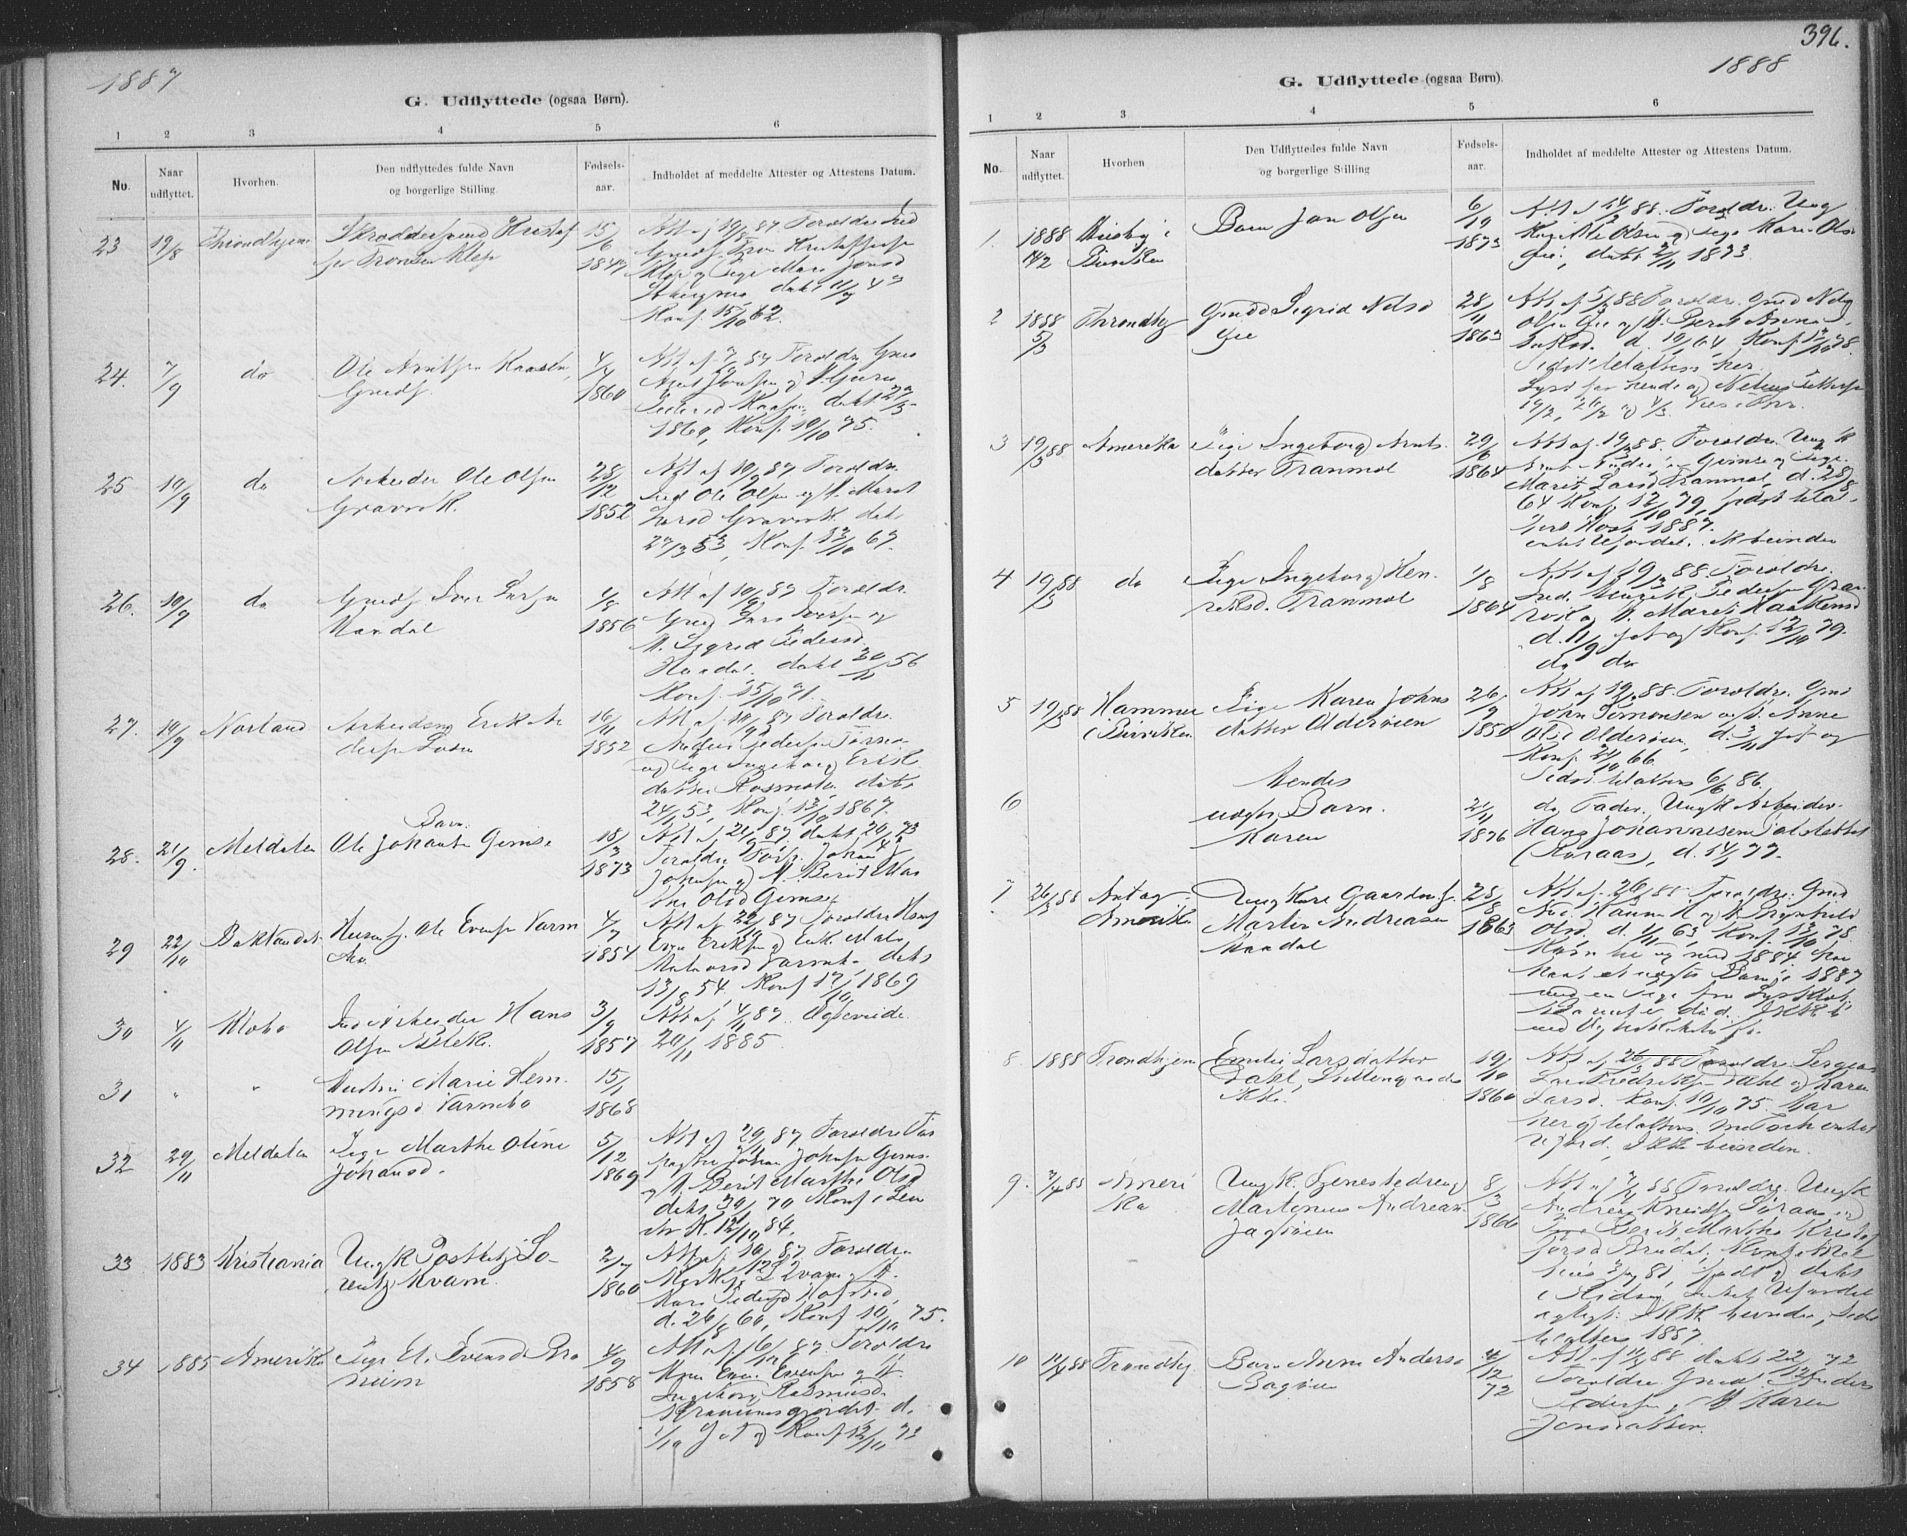 SAT, Ministerialprotokoller, klokkerbøker og fødselsregistre - Sør-Trøndelag, 691/L1085: Ministerialbok nr. 691A17, 1887-1908, s. 396